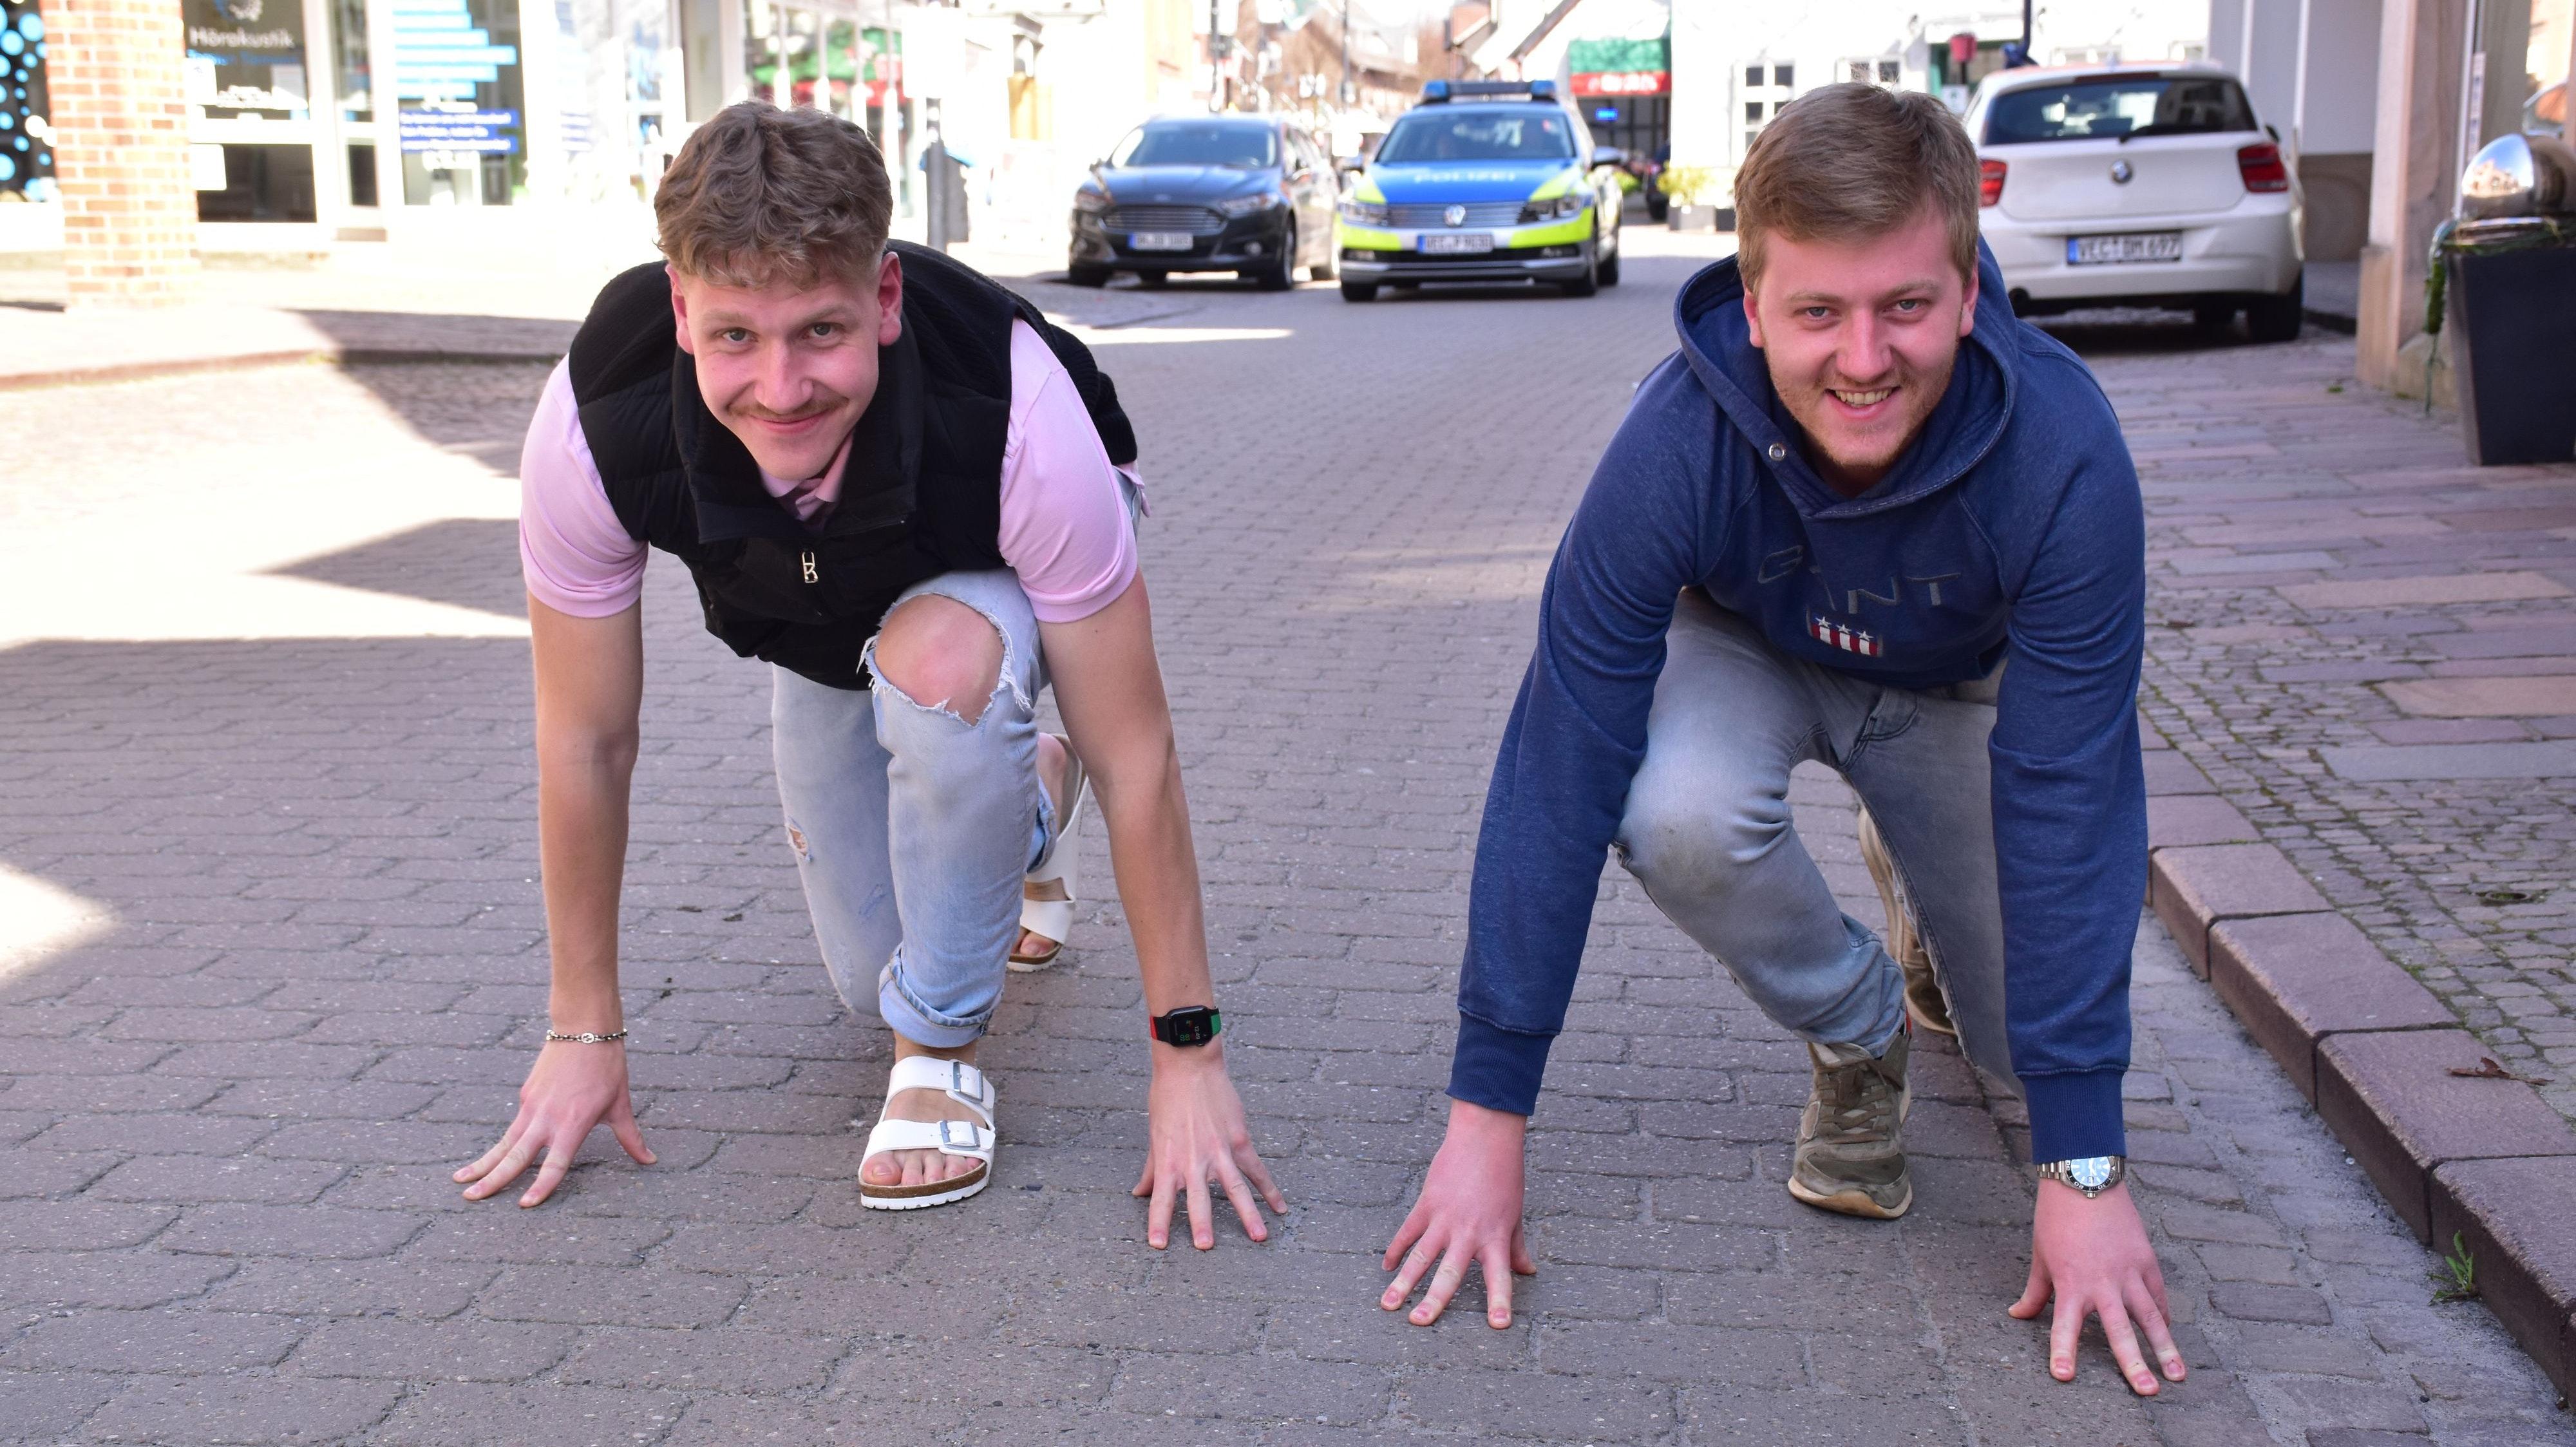 Egal ob in Schlappen oder sportlichem Schuhwerk: Was die Teilnehmer des Spendenlaufs an den Füßen tragen, ist Roman (links) und Justus Tabor egal. Hauptsache, viele machen mit. Foto: Lammert